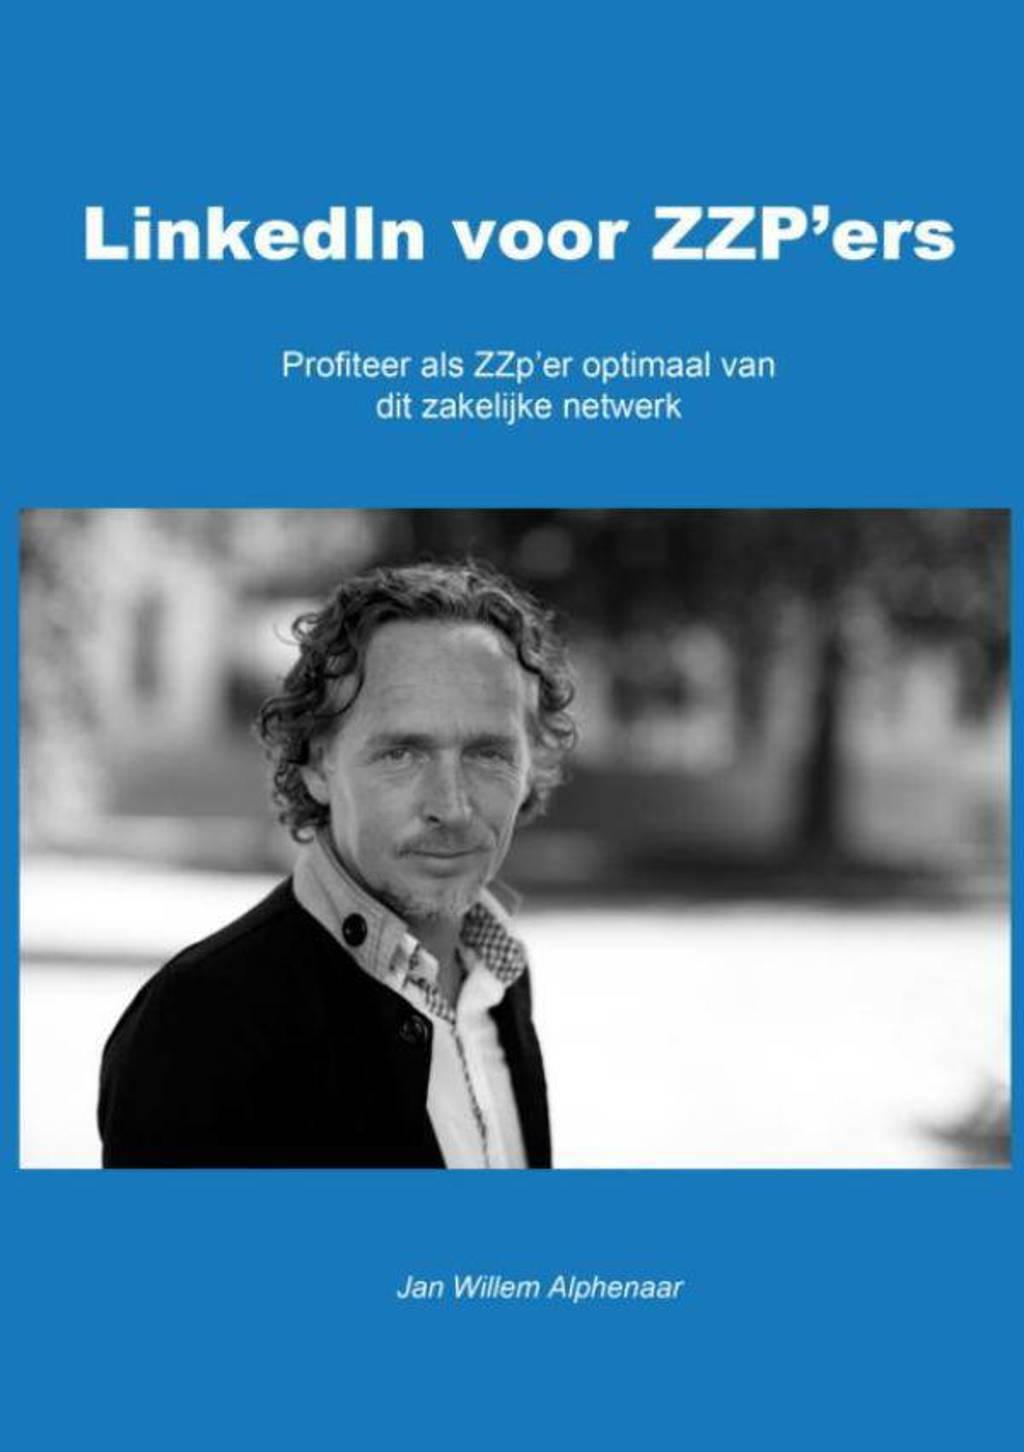 LinkedIn voor ZZP'ers - Jan Willem Alphenaar